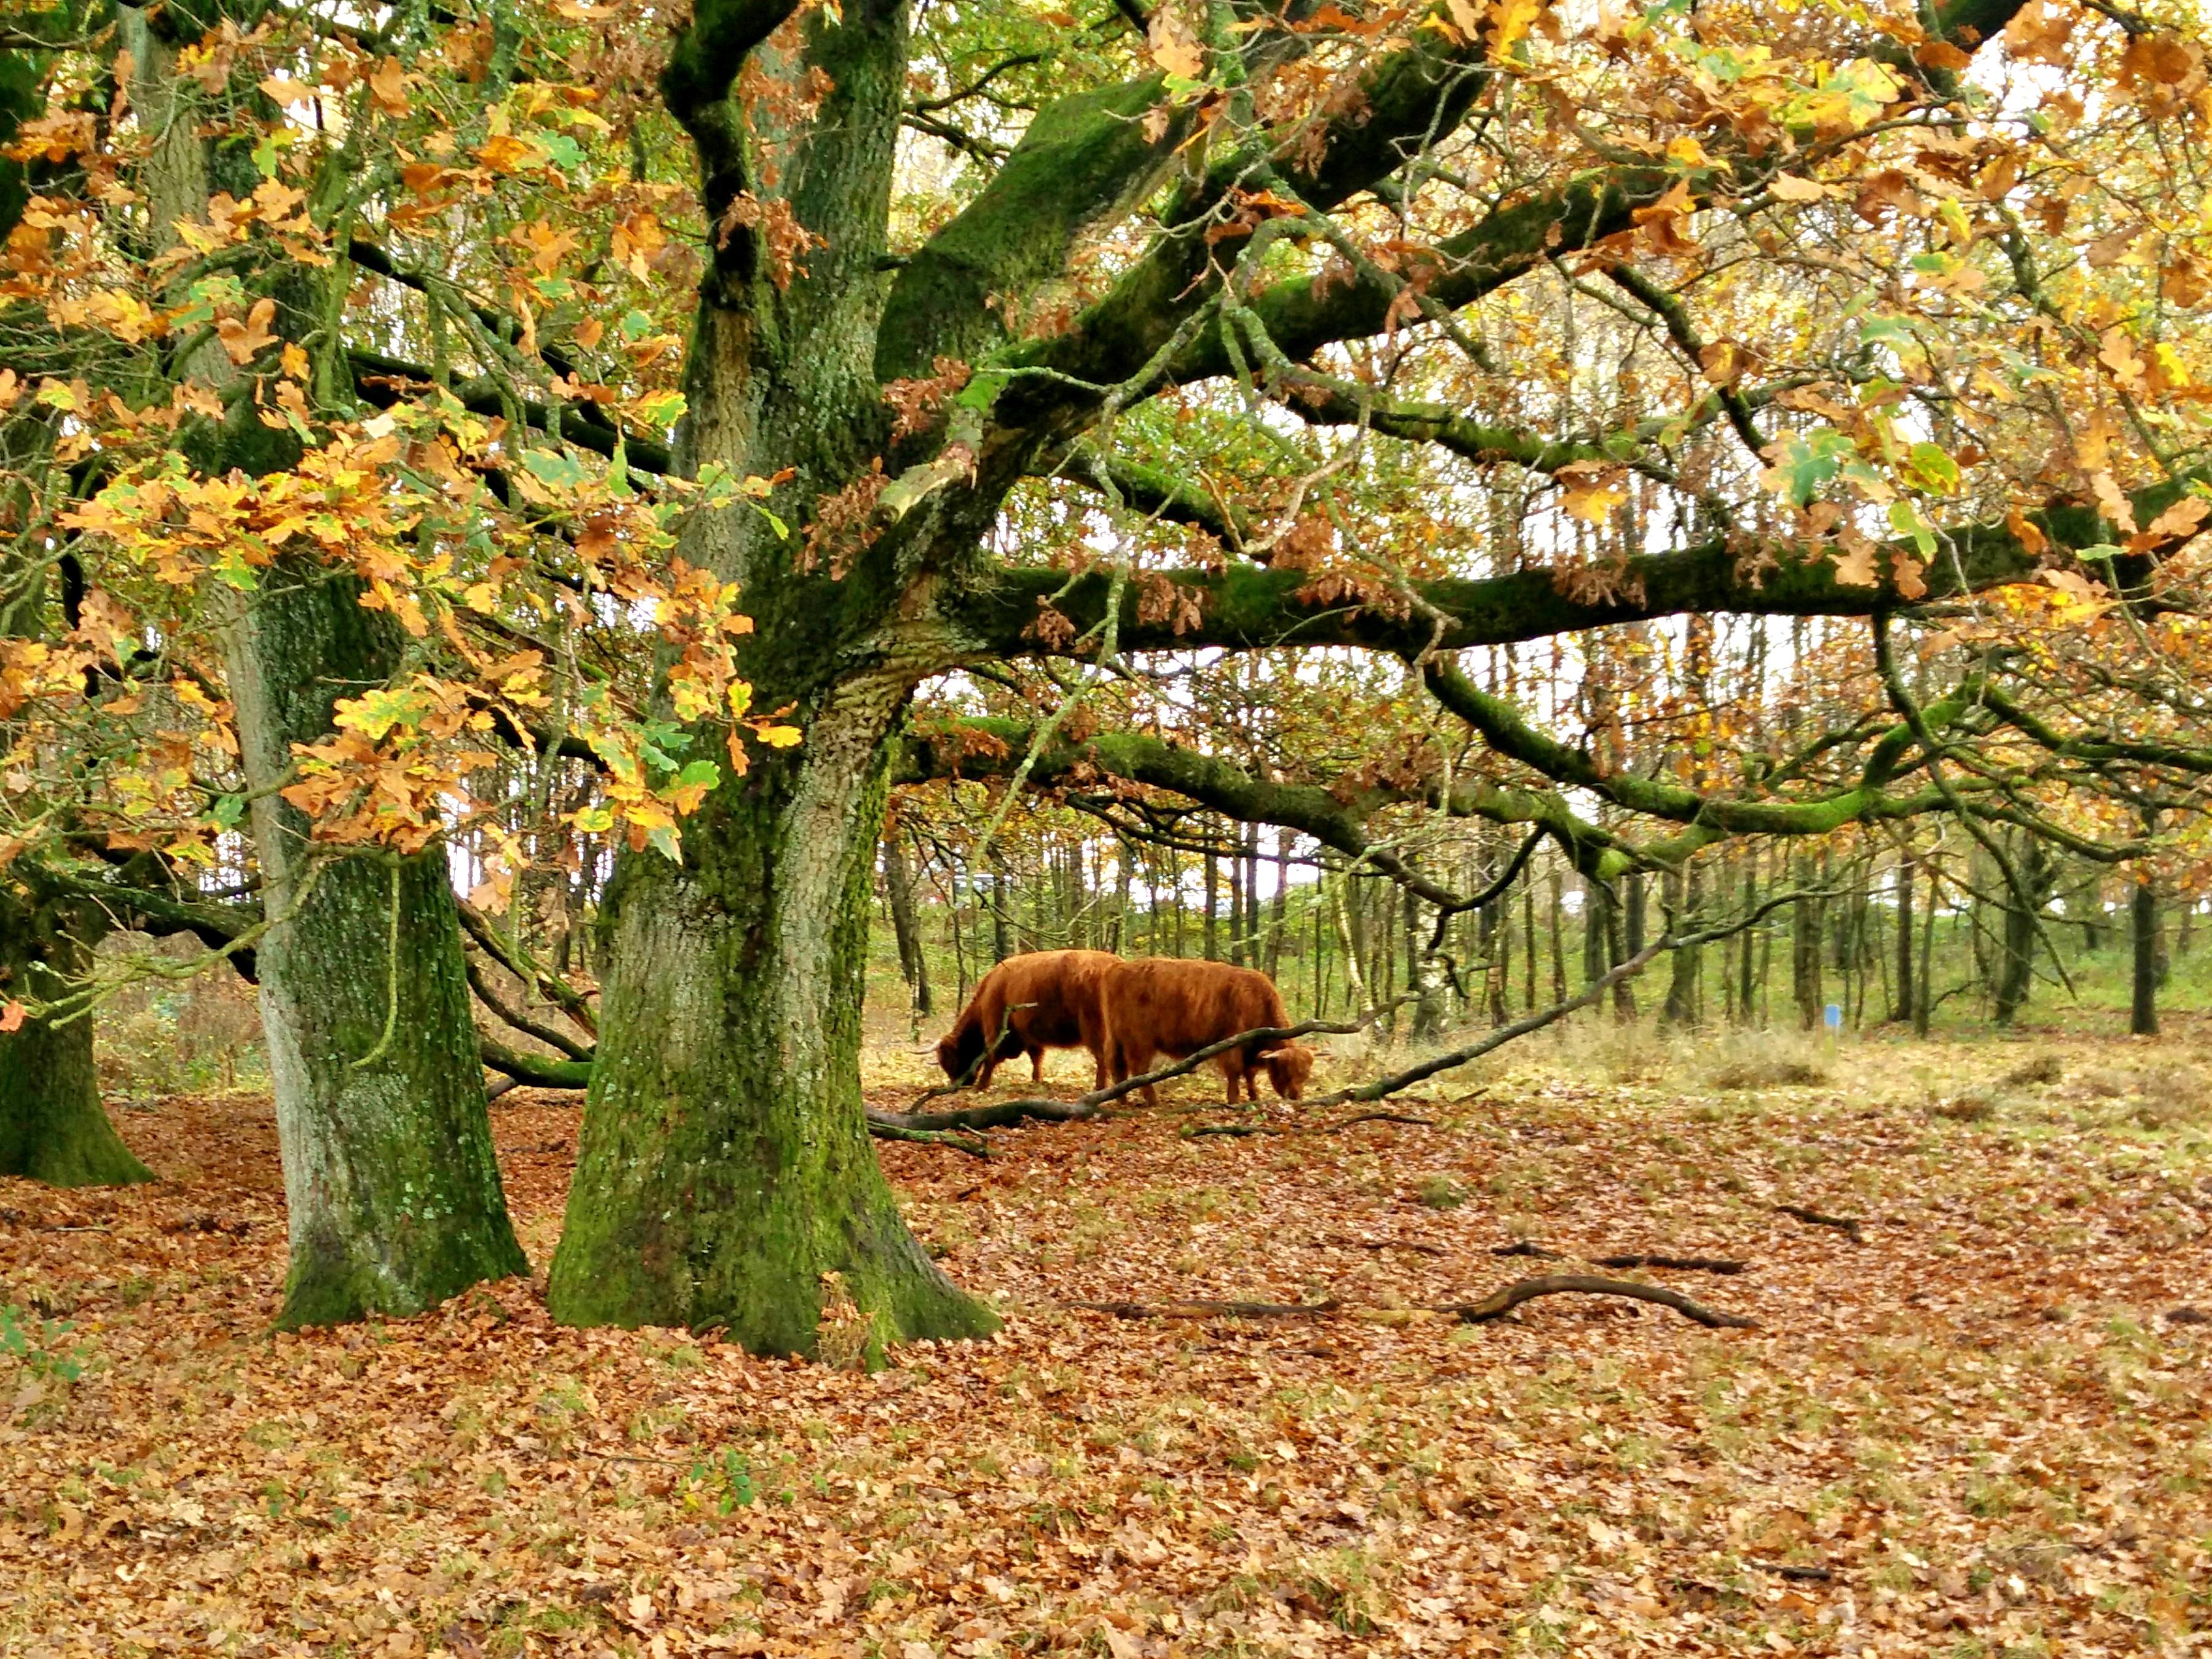 Propuestas Redondas Bosques Holandeses En Otono - Cabaas-de-madera-en-arboles